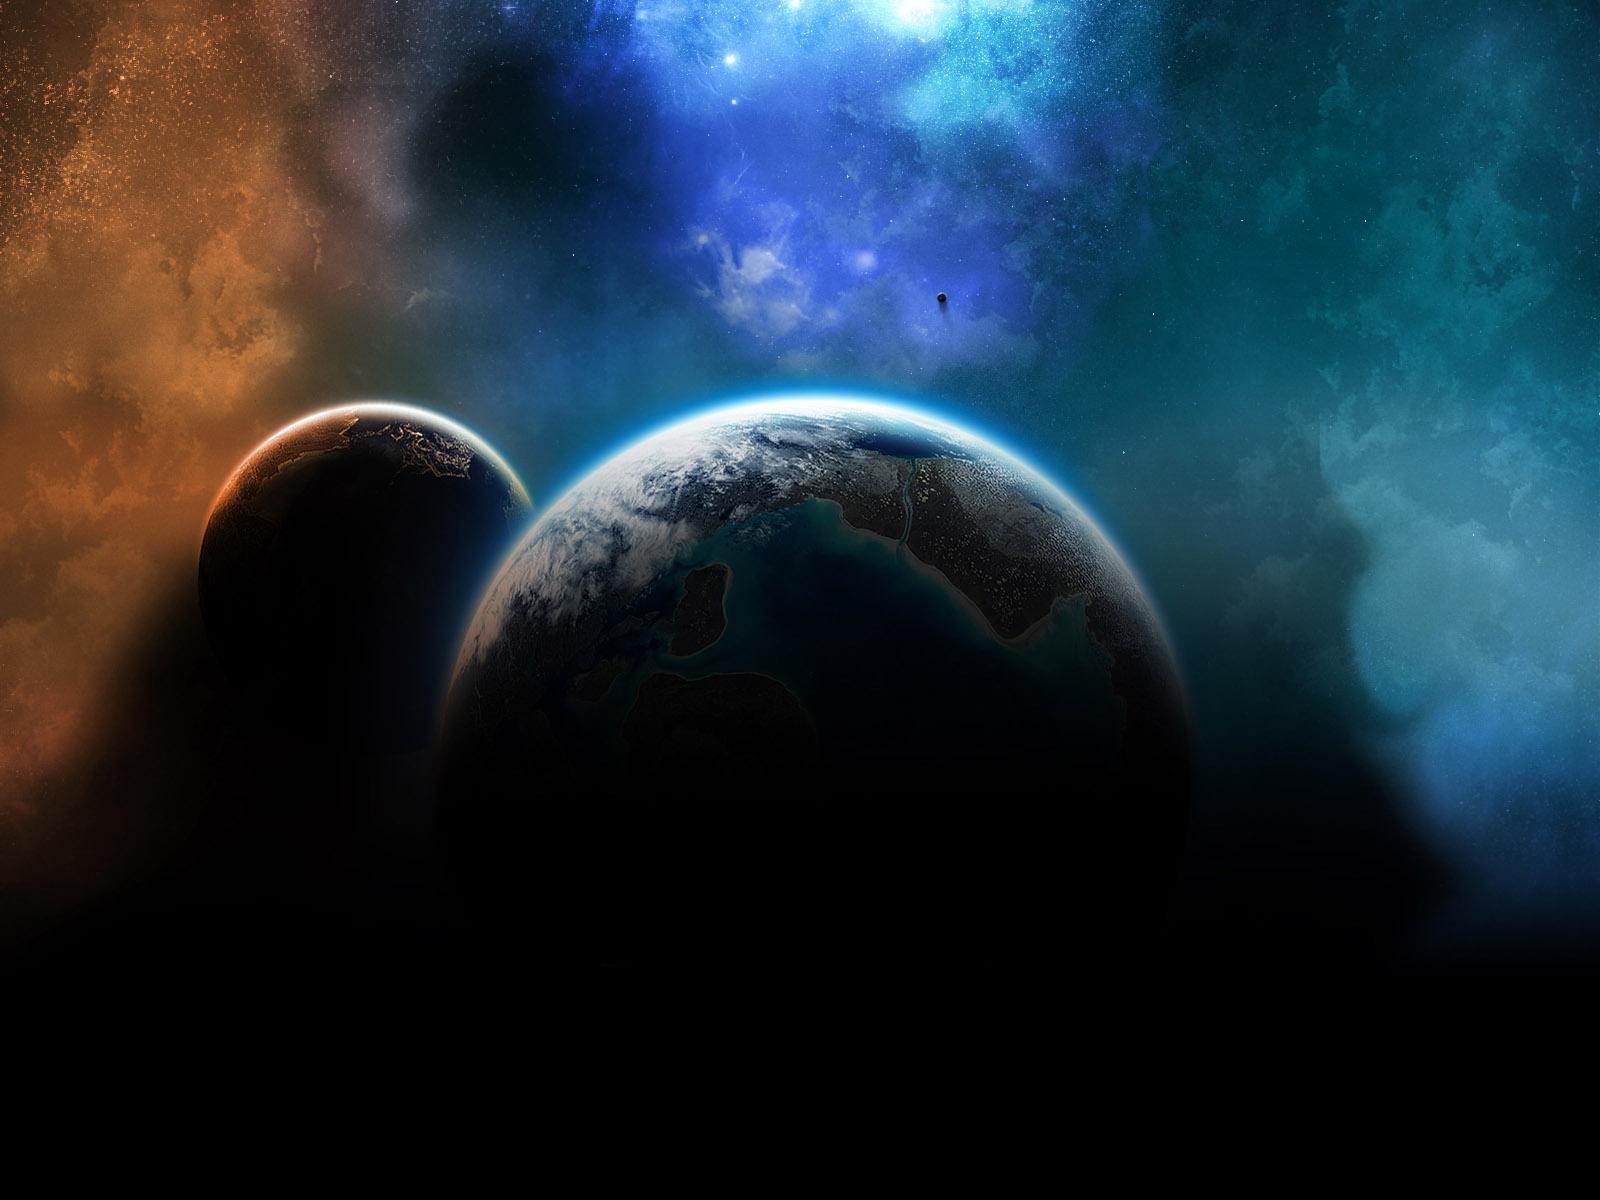 6785 скачать обои Пейзаж, Планеты, Космос - заставки и картинки бесплатно